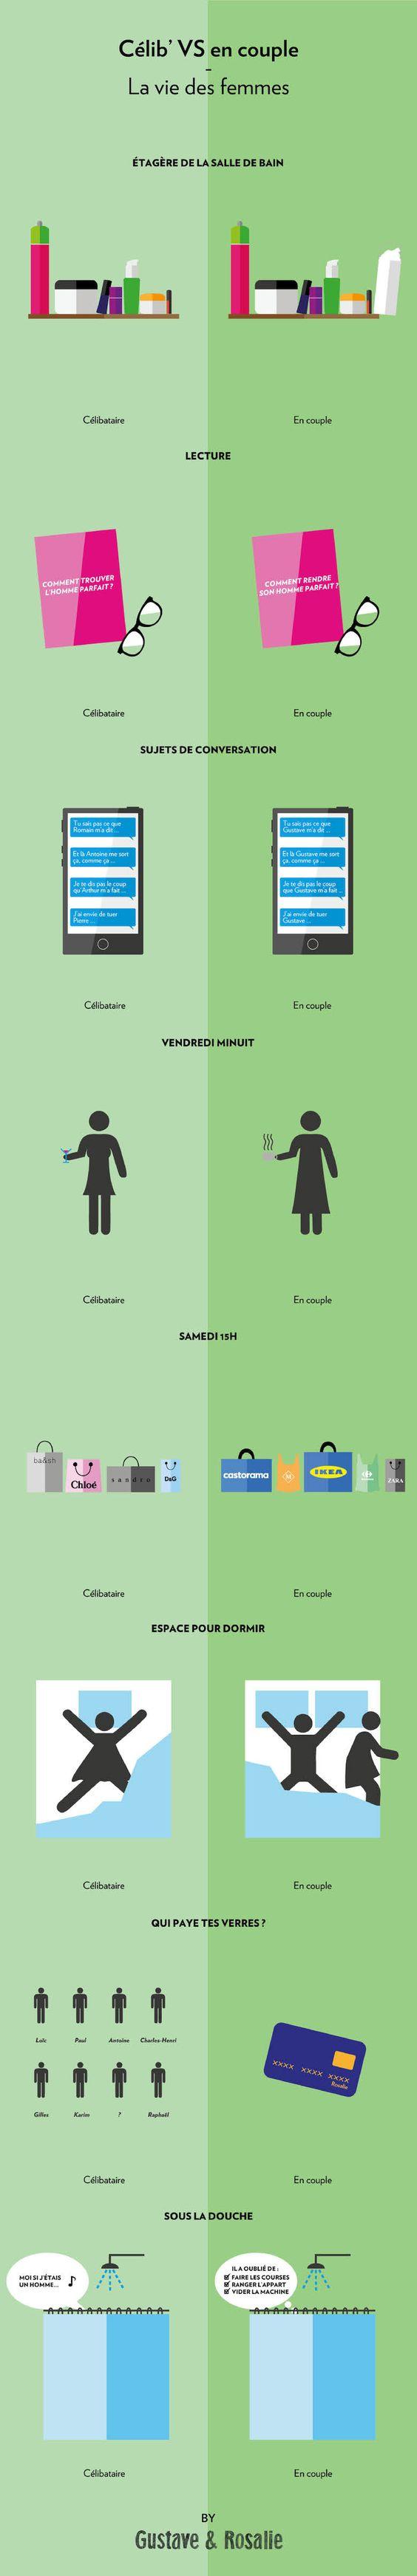 Célibataire VS en couple : Ce qui change chez les femmes Il était une pub: